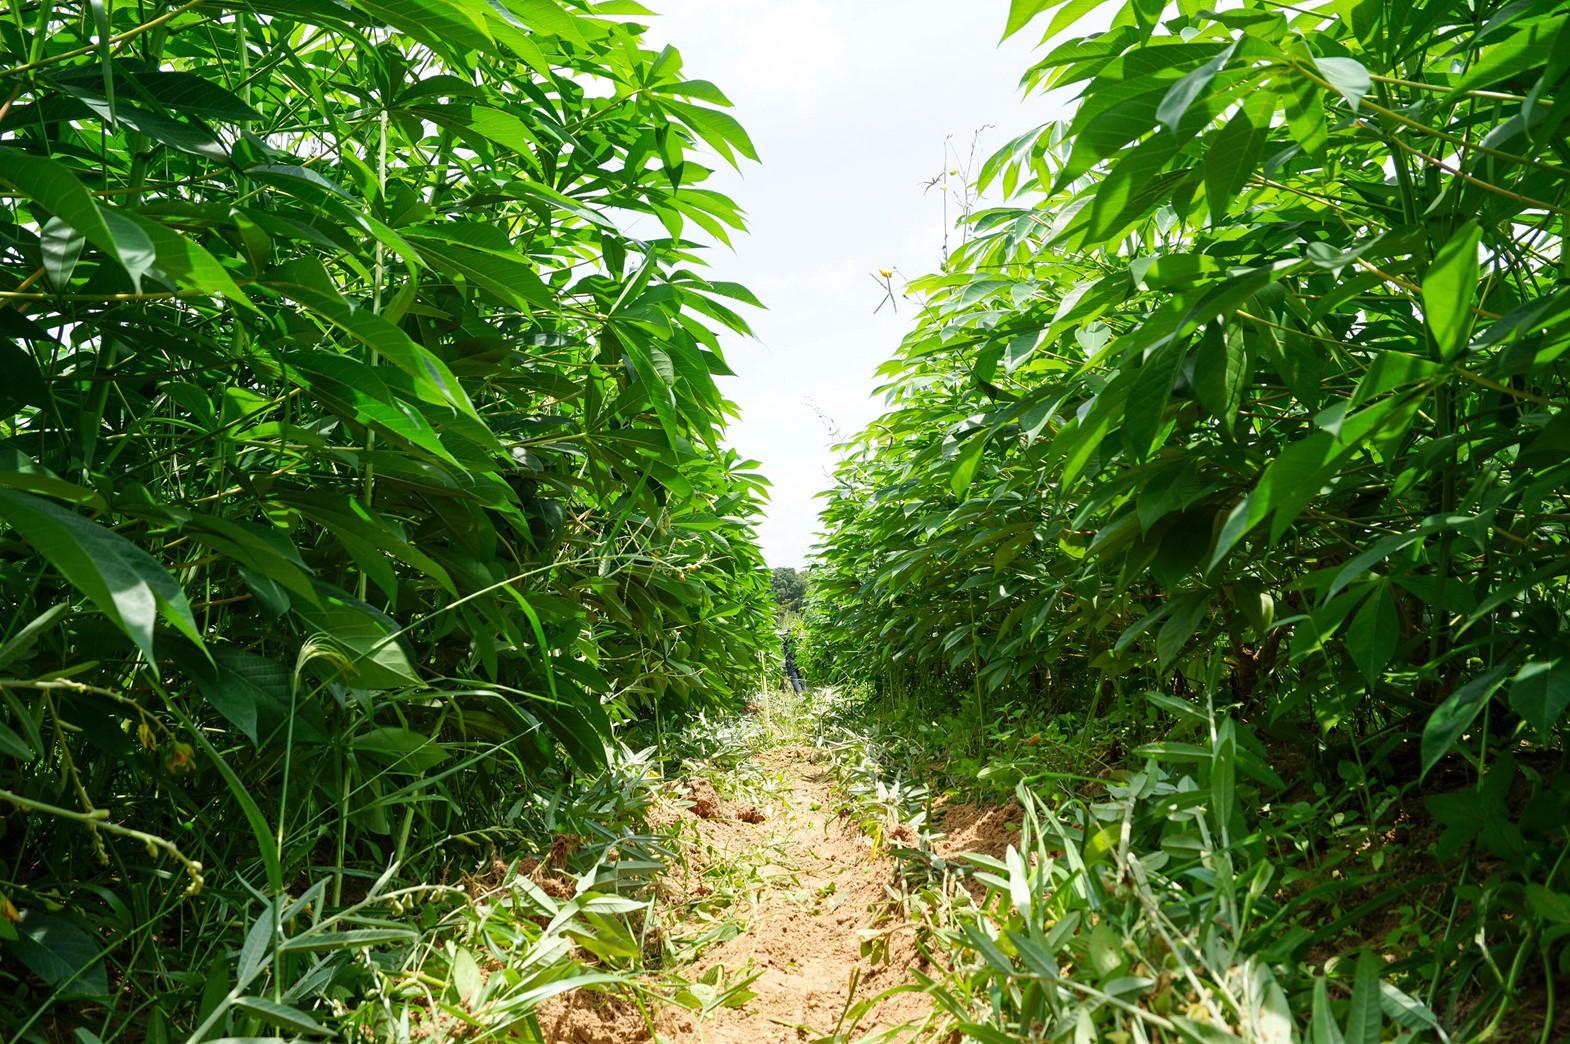 'มันสำปะหลังอินทรีย์' จ.อุบลราชธานี พืชยกระดับรายได้เกษตรกร มีตลาดรองรับ